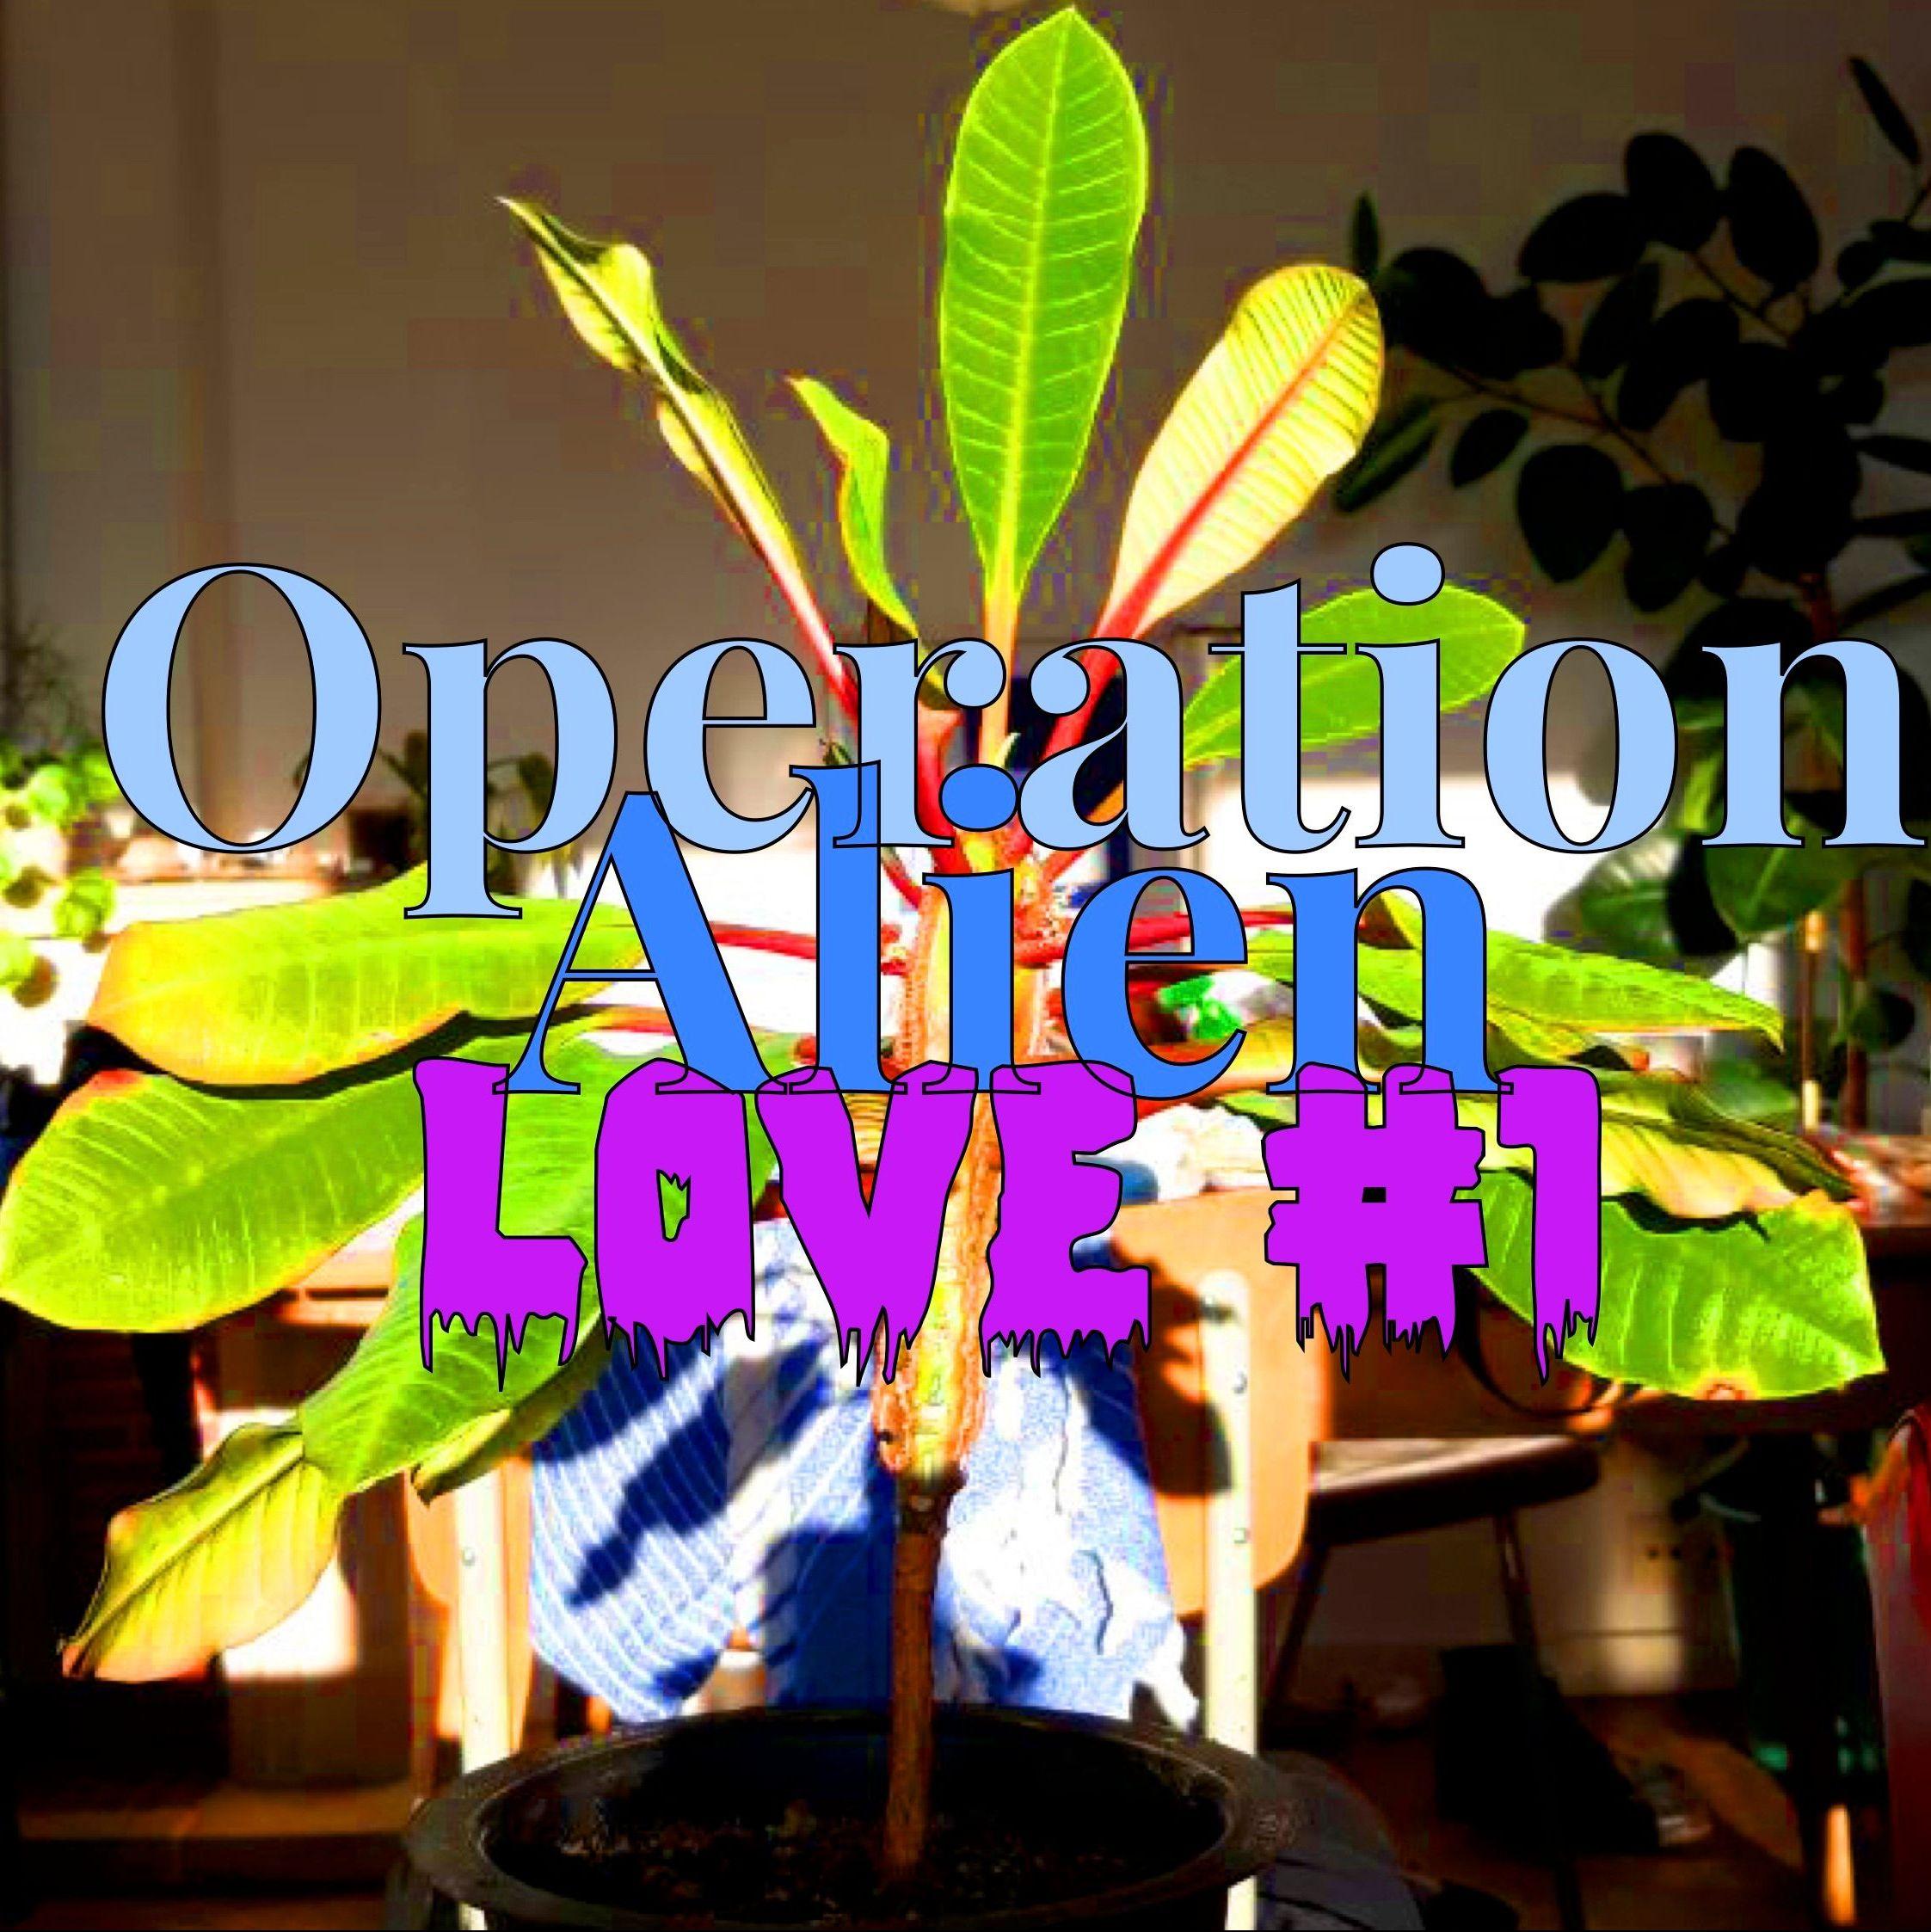 """In der Mitte des Bildes ist eine Pflanze im Hintergrund, die in einem Zimmer steht. Darüber steht """"Operation Alien Love #1"""" ."""